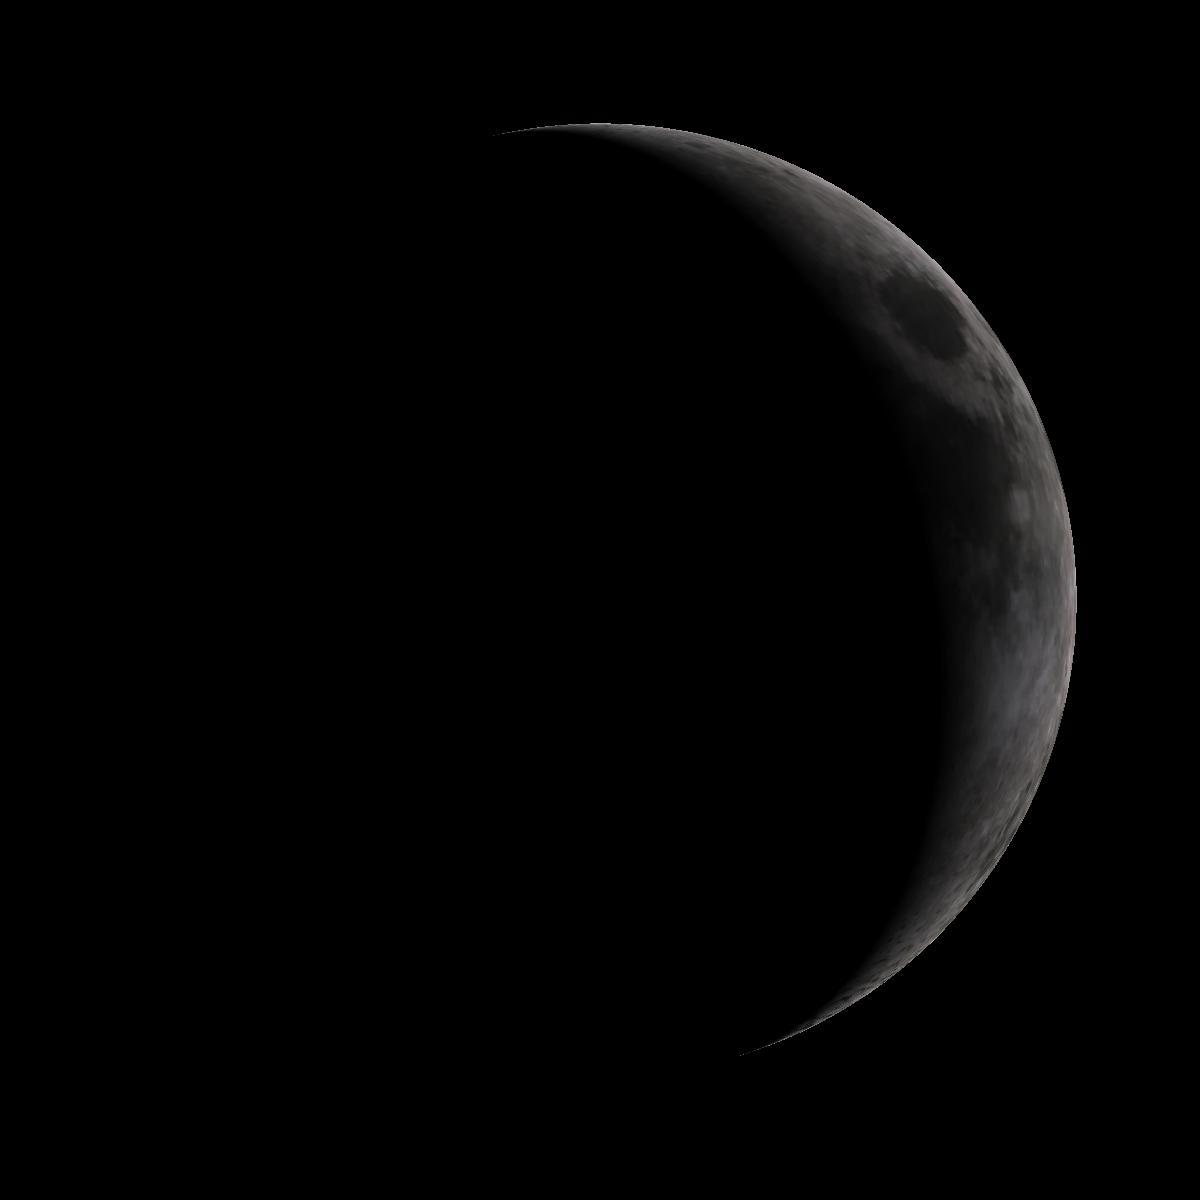 Lune du 25 juin 2020